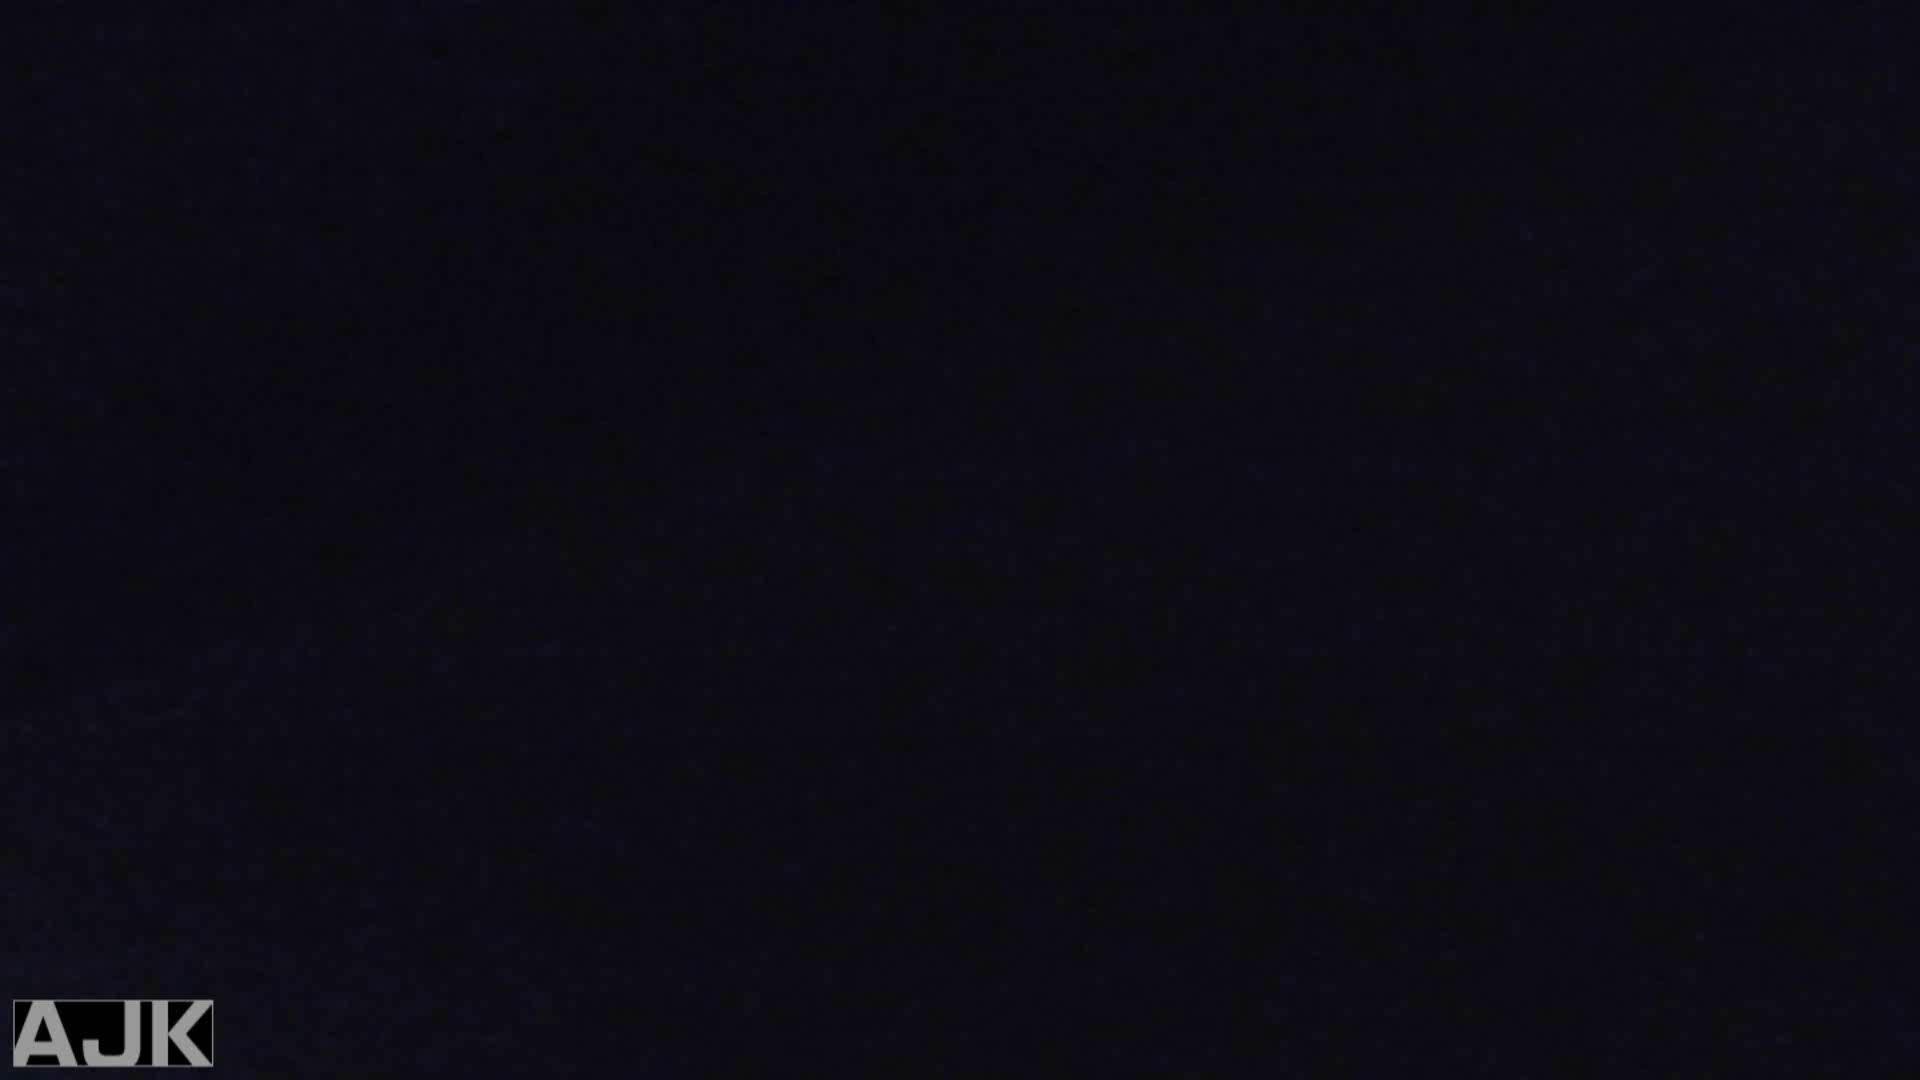 神降臨!史上最強の潜入かわや! vol.22 リアル肛門  43Pix 41